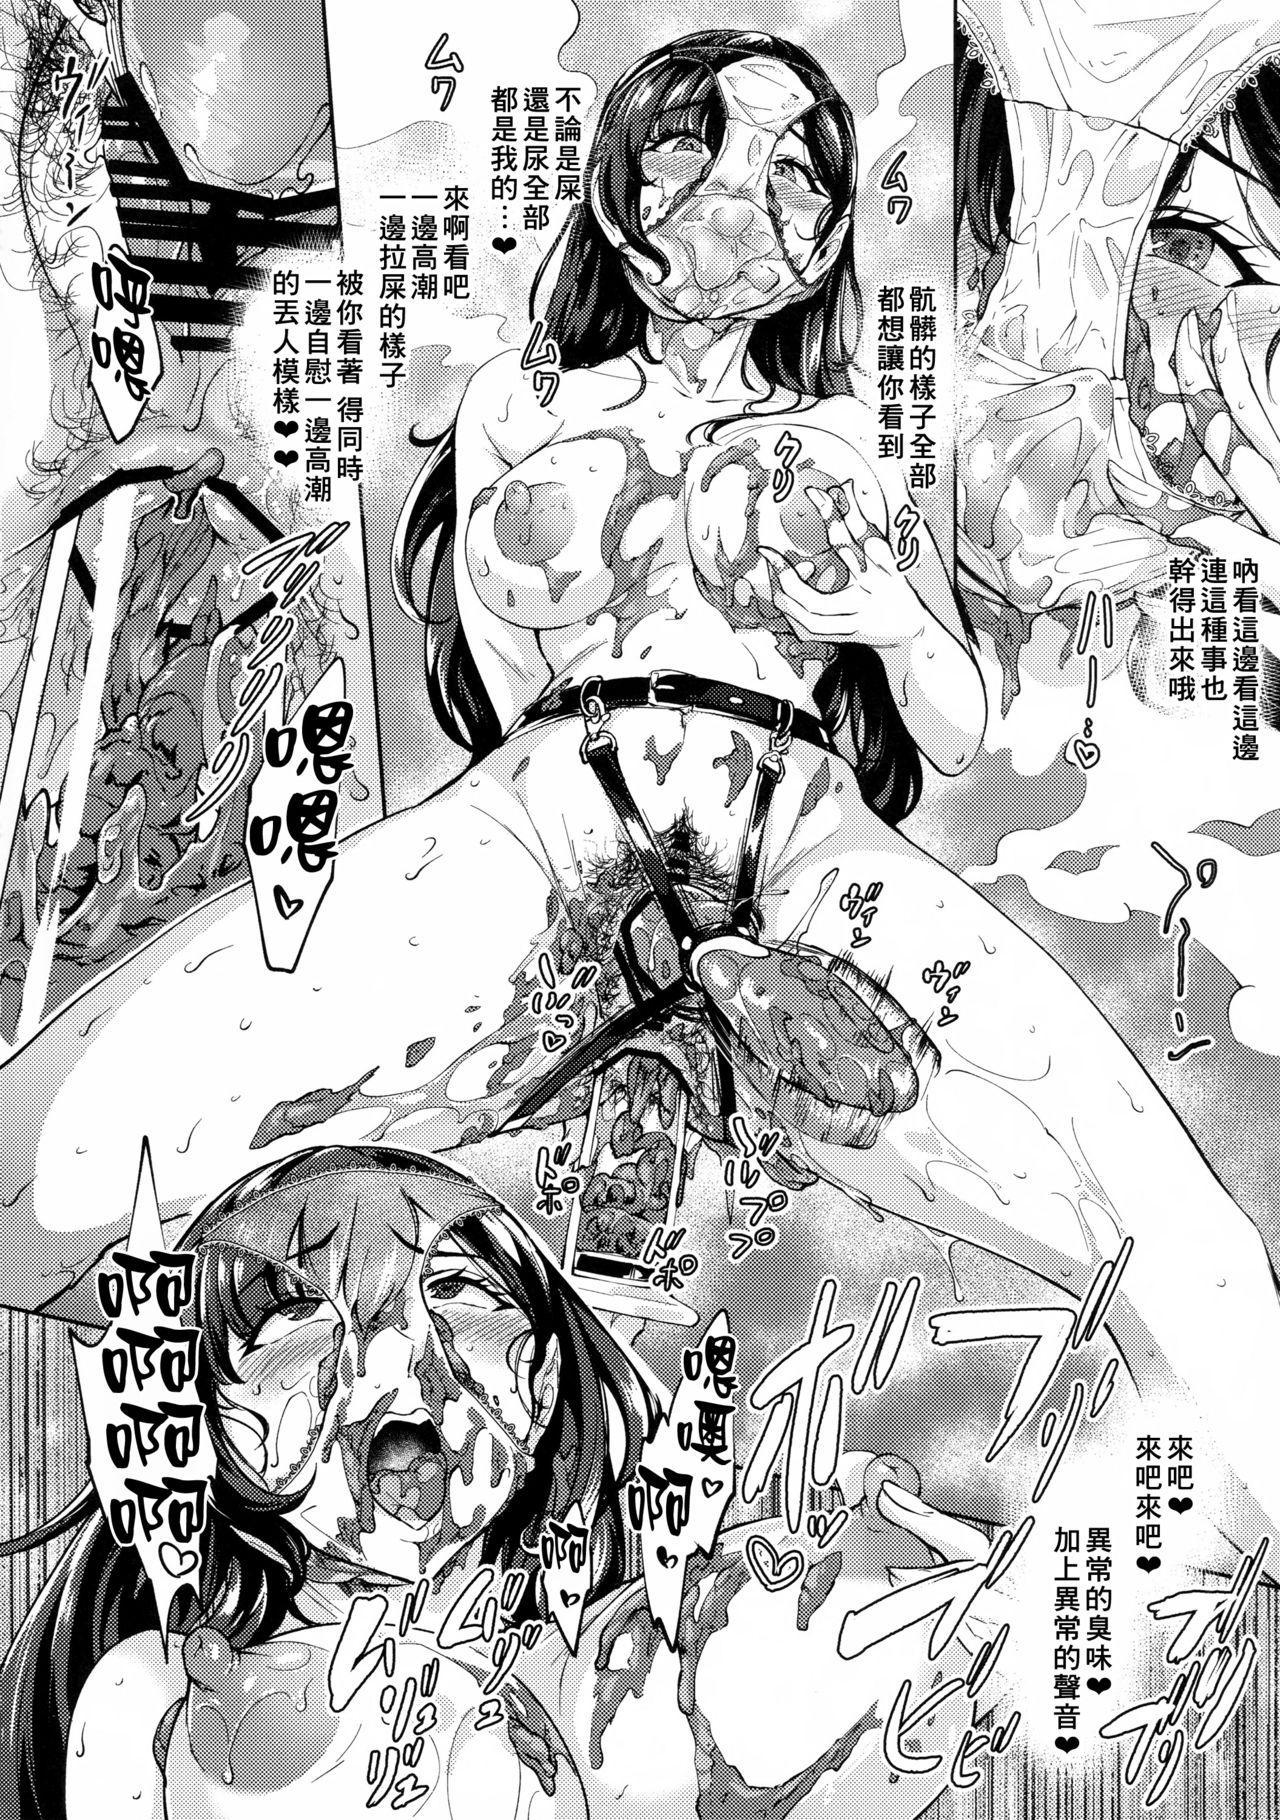 Arawareta Chijo wa Toshishita Kui no Scatolo Hentai deshita Bangaihen Mousou Onanie 13